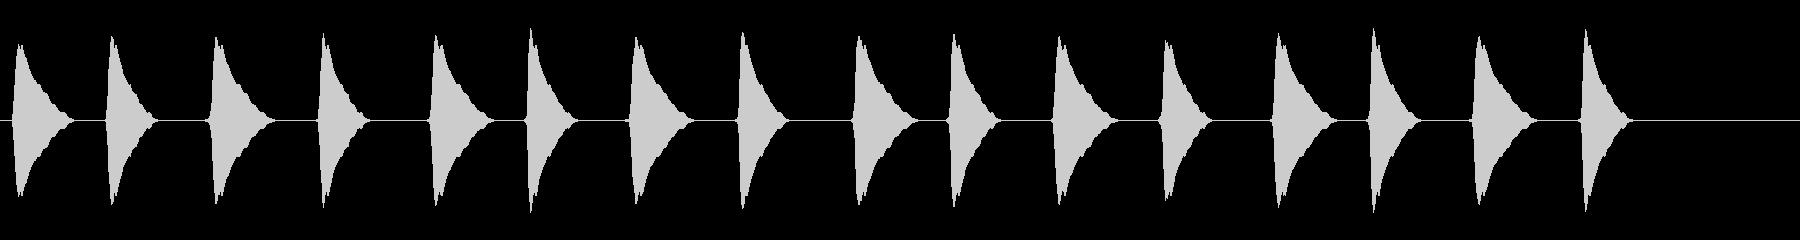 ポクポクポク(秒間10連続以上の急ぎ足)の未再生の波形